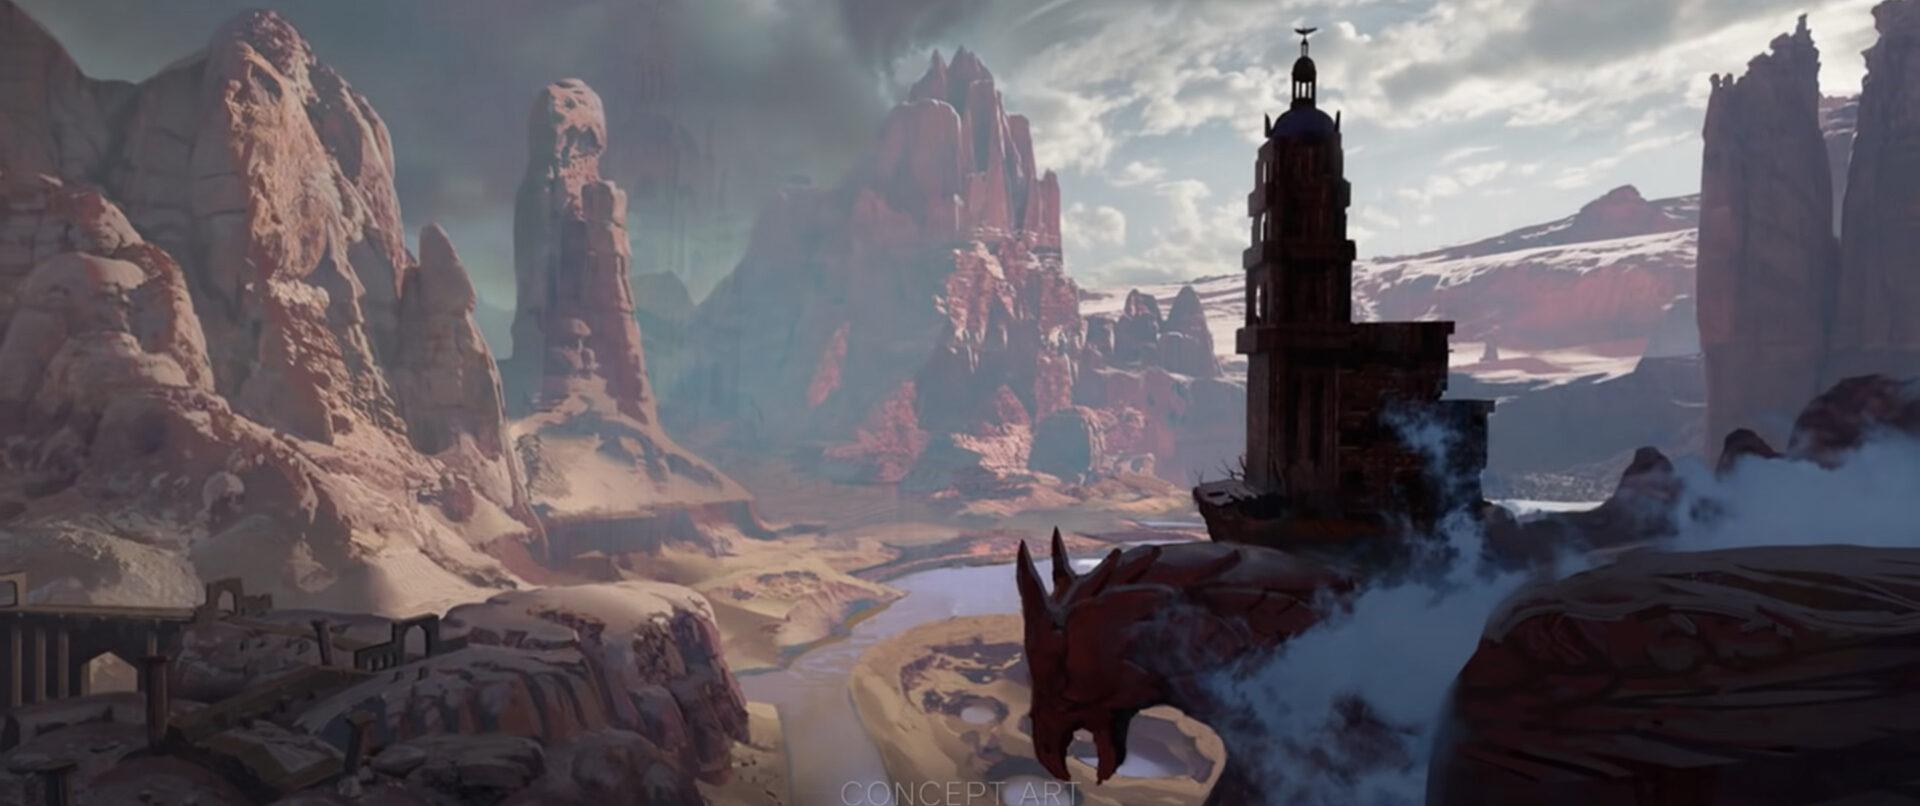 dragon_age_7.jpg